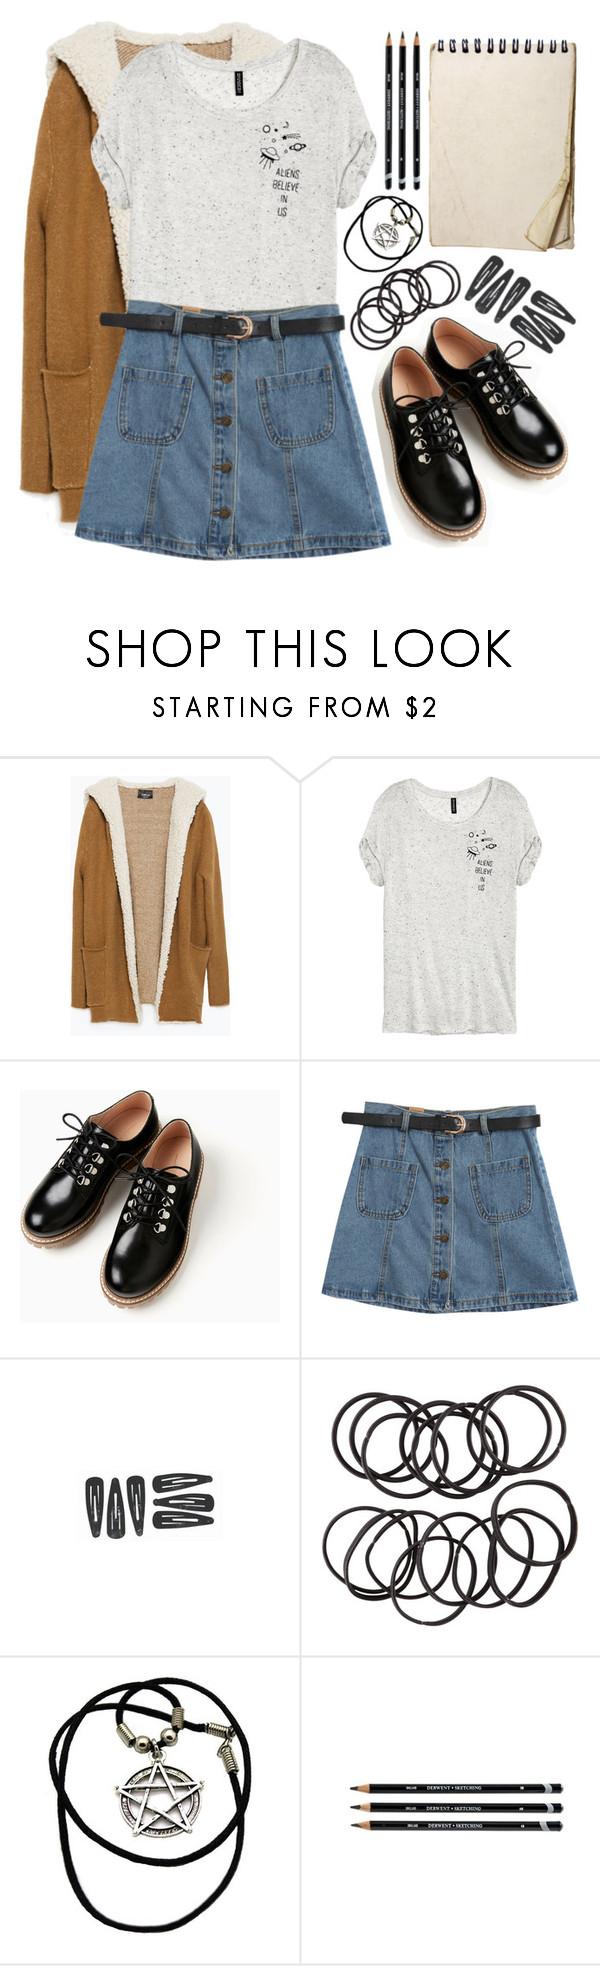 """""""tragen narben, die beweisen, das sich kämpfen manchmal lohnt"""" by hunter995 ❤ liked on Polyvore featuring Zara, Chicnova Fashion and H&M"""